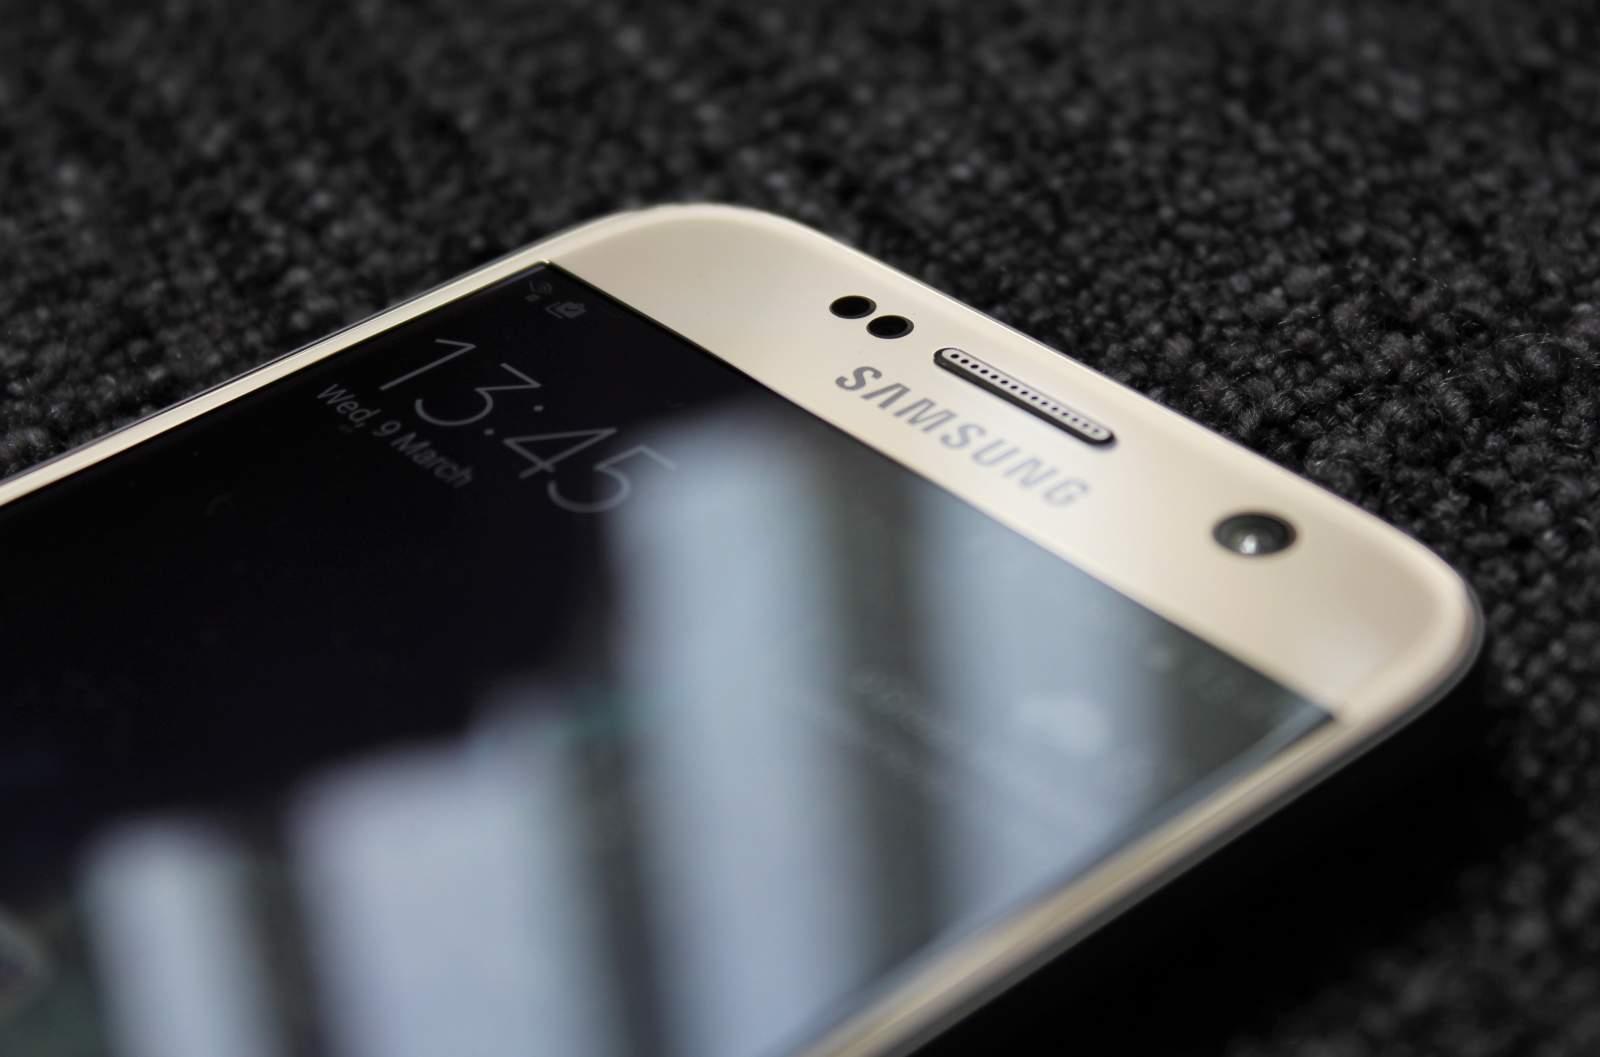 smt sgs7ands7edge p09 - Vivo libera chamadas por Wi-Fi para smartphones Android da Samsung